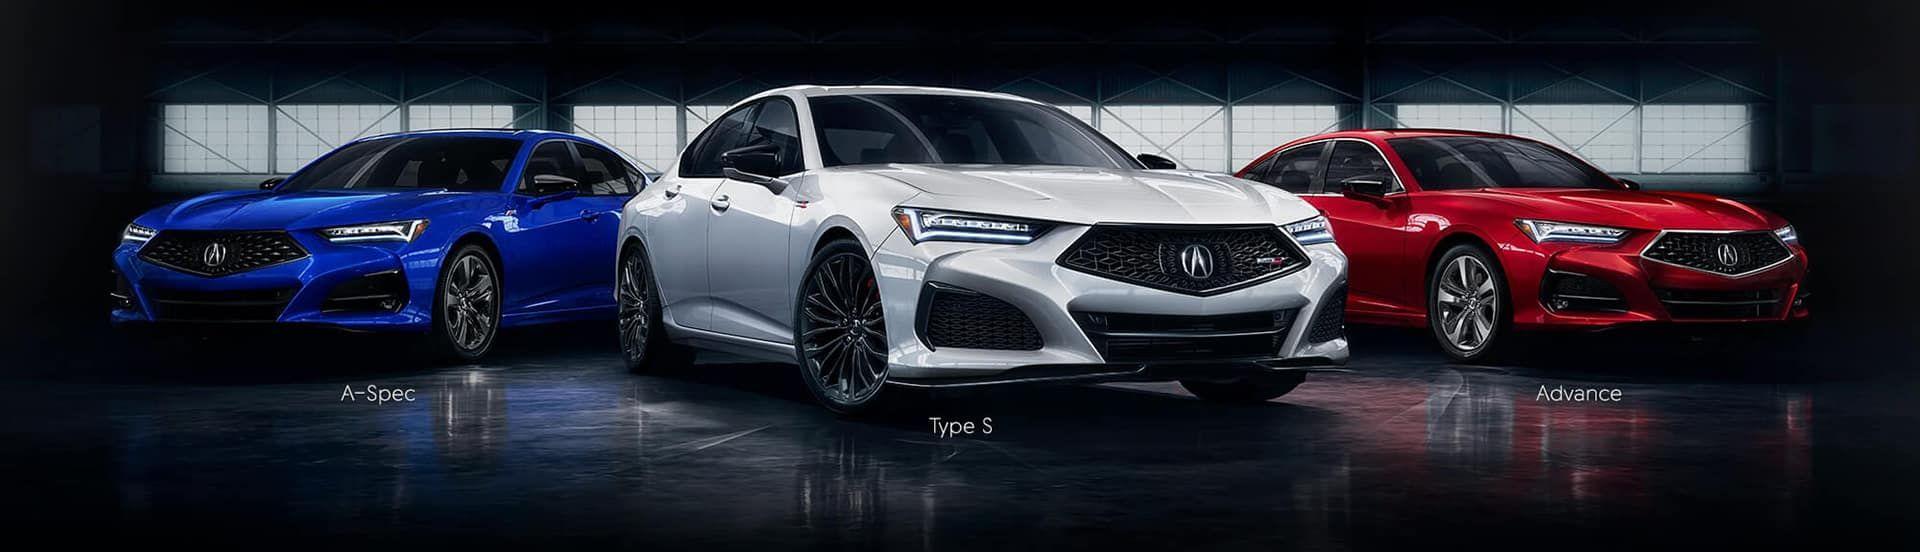 2021 Acura Tl New Model Acura Acura Tl Acura Tlx